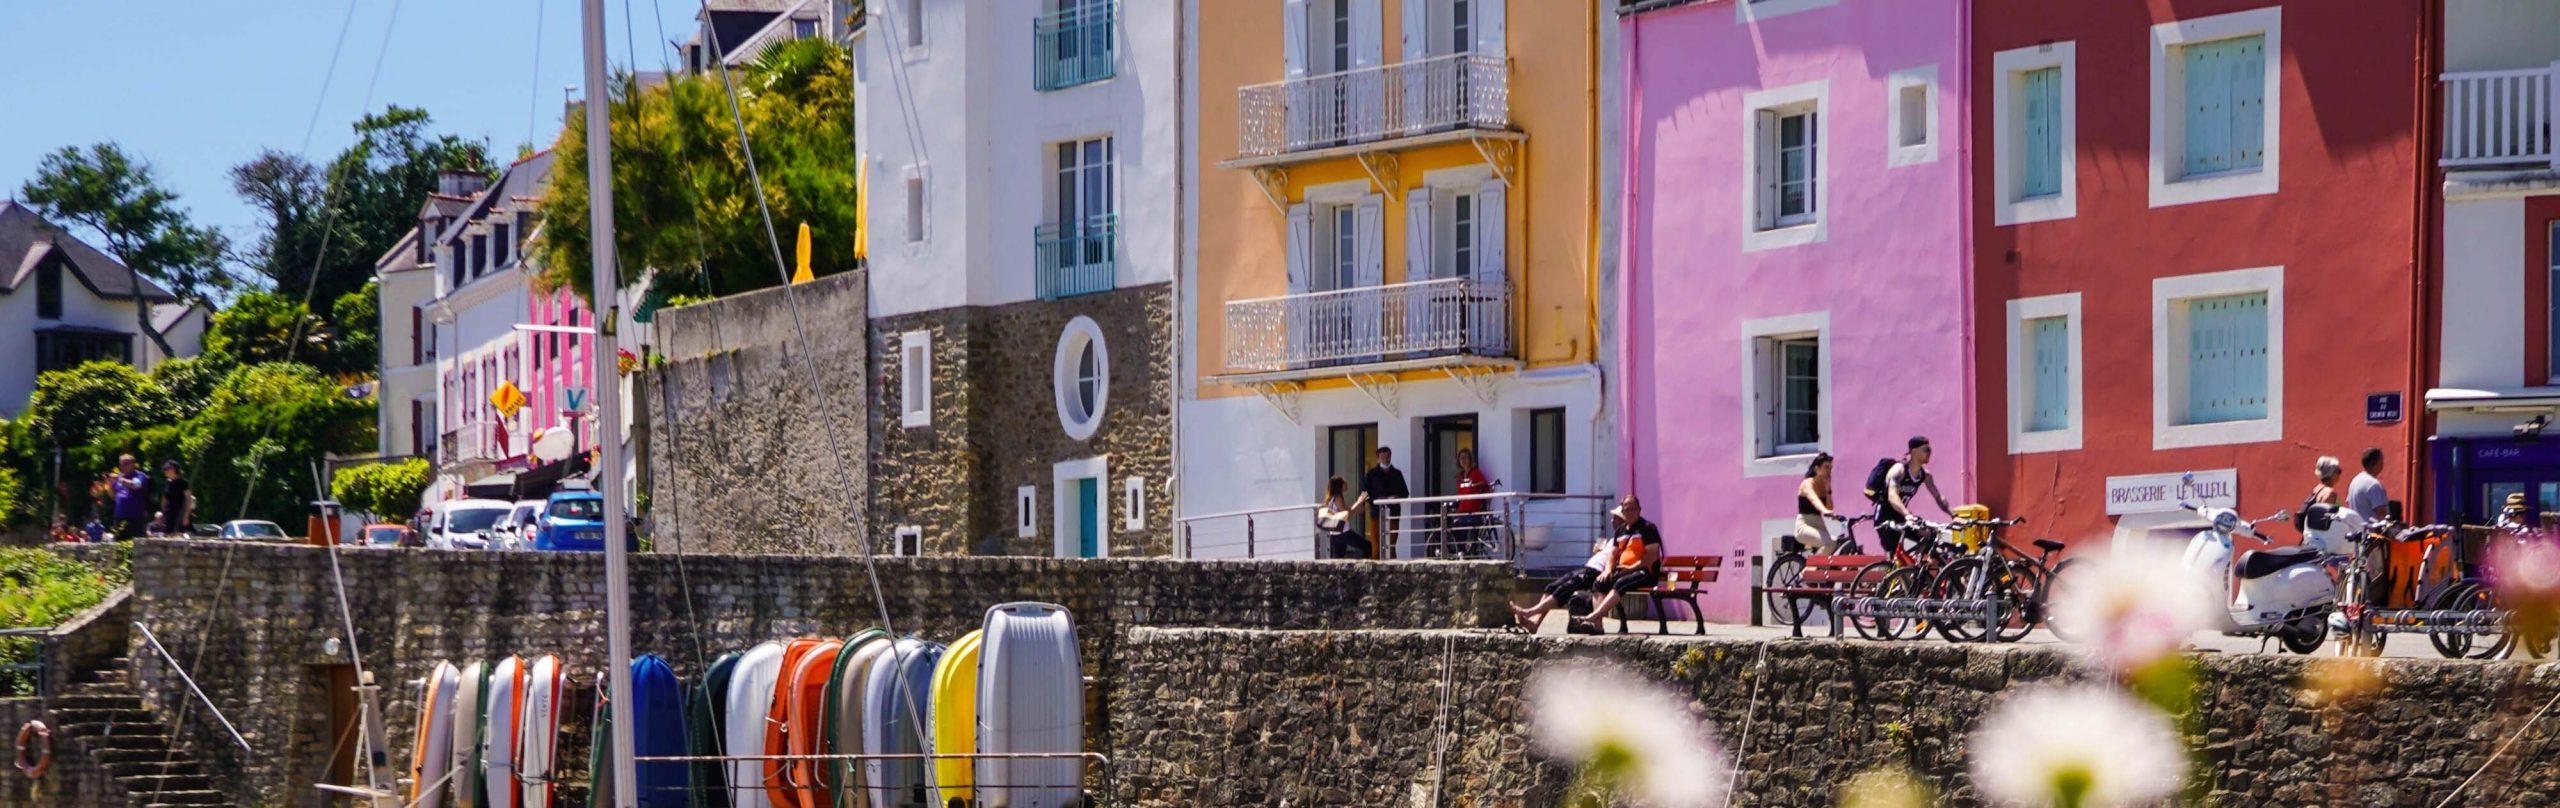 Sauzon  credit photo Océane Le Gall